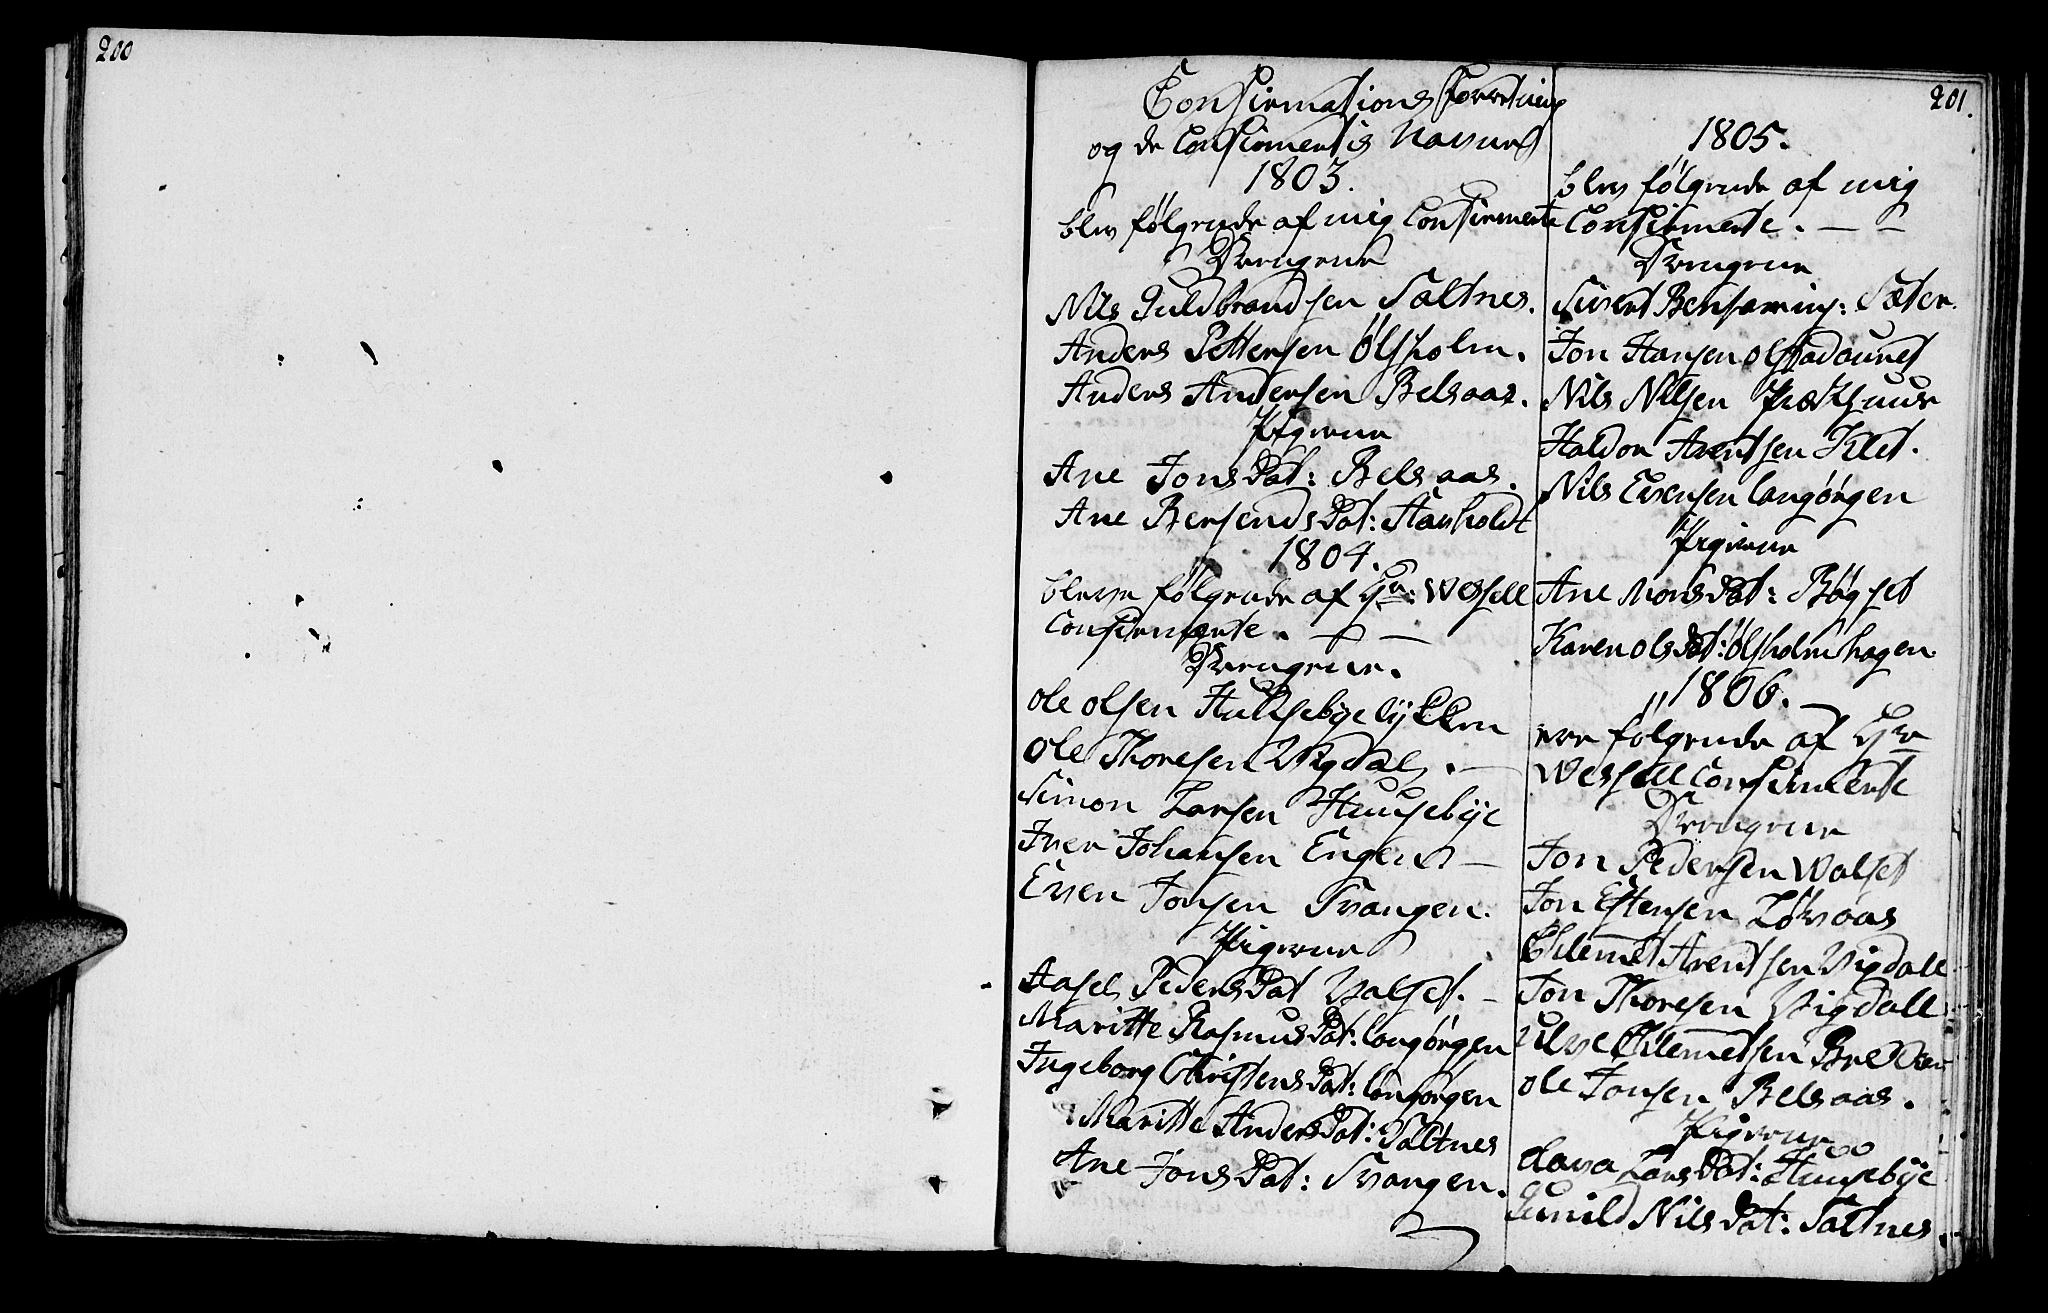 SAT, Ministerialprotokoller, klokkerbøker og fødselsregistre - Sør-Trøndelag, 666/L0785: Ministerialbok nr. 666A03, 1803-1816, s. 200-201